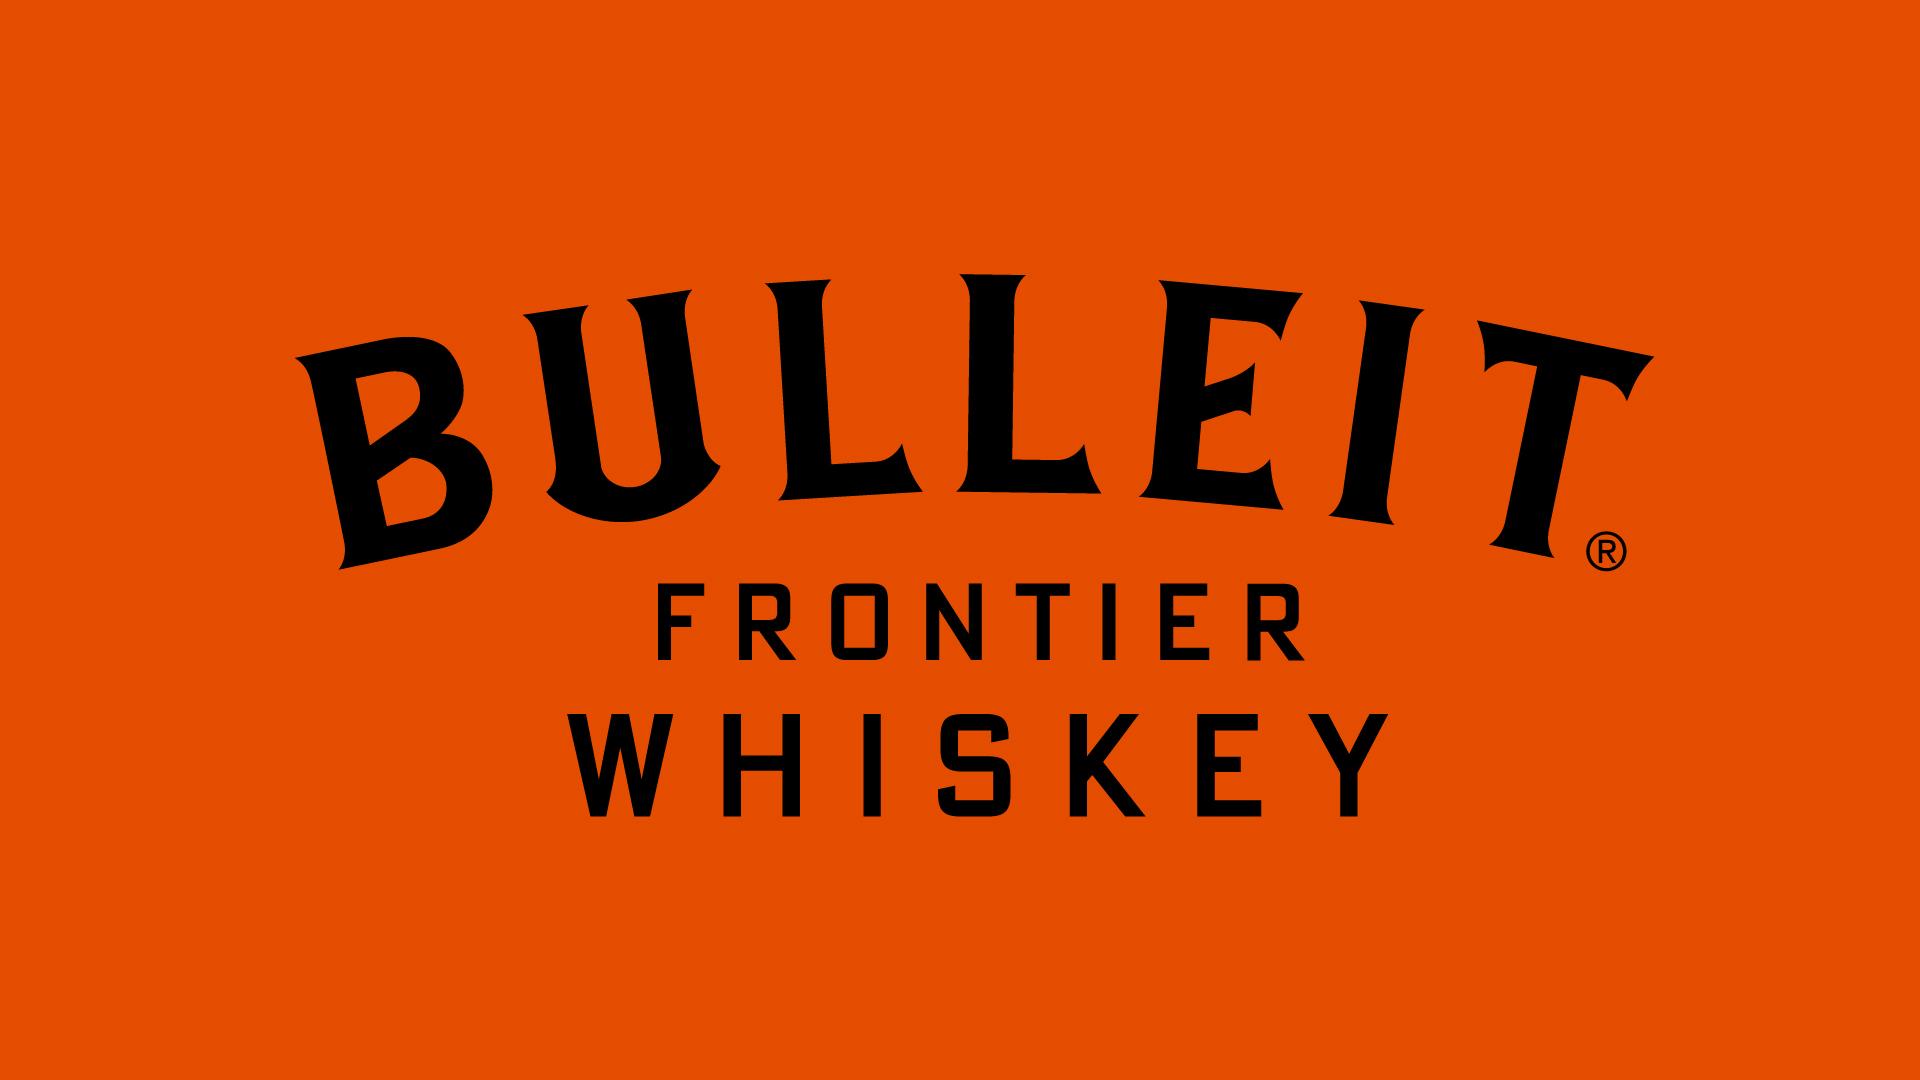 Bulleit_Brand_Logo_1920x1080.jpg